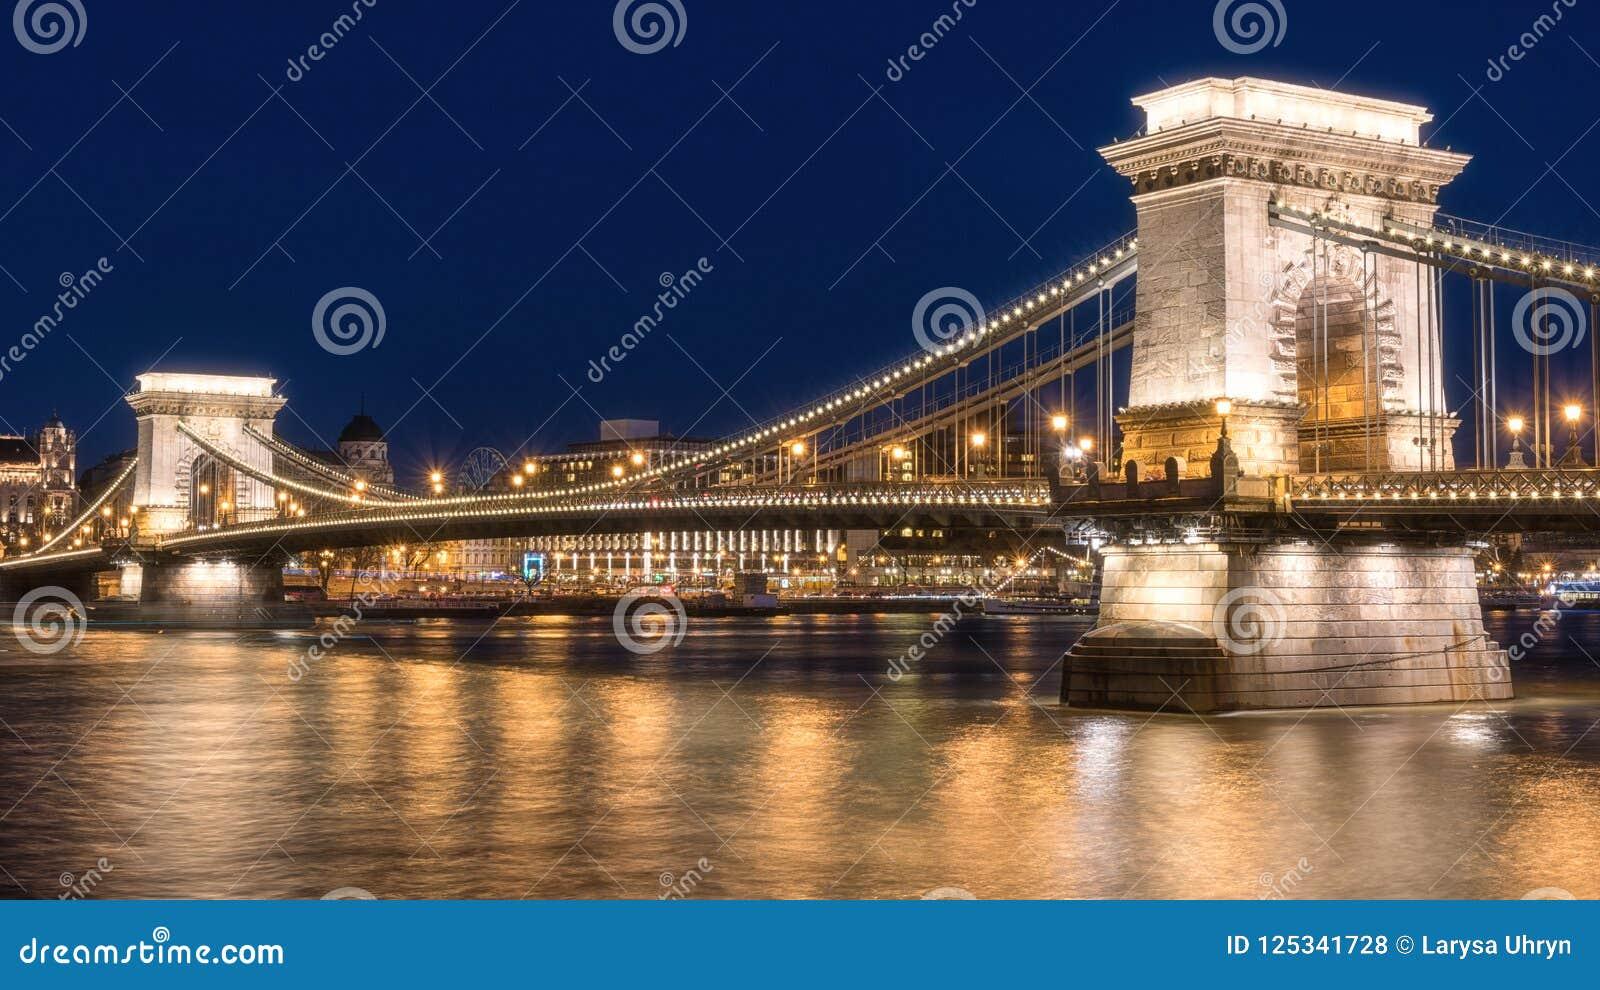 Budapest, Łańcuszkowego mosta Szechenyi lanchid przy mrocznymi błękitnymi godzinami, Węgry, Europa